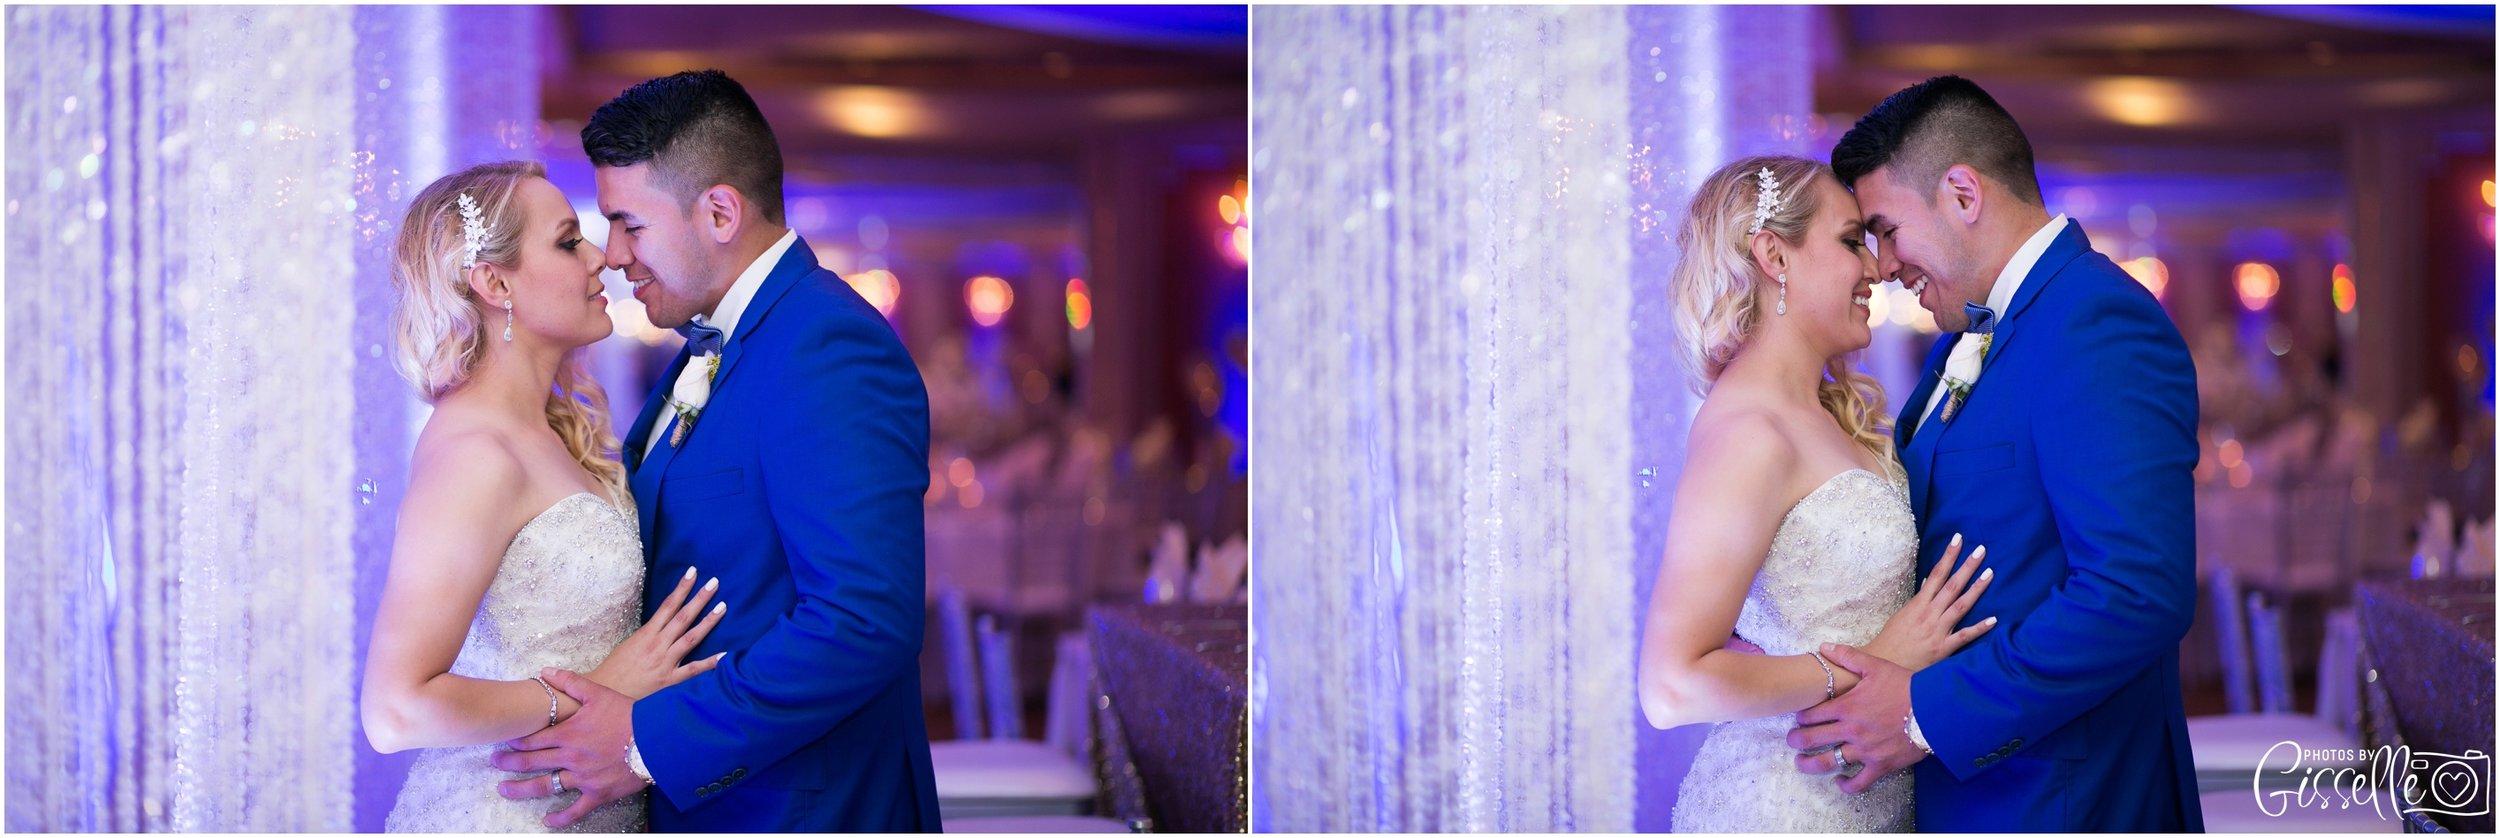 Astoria Banquets Wedding026.jpg